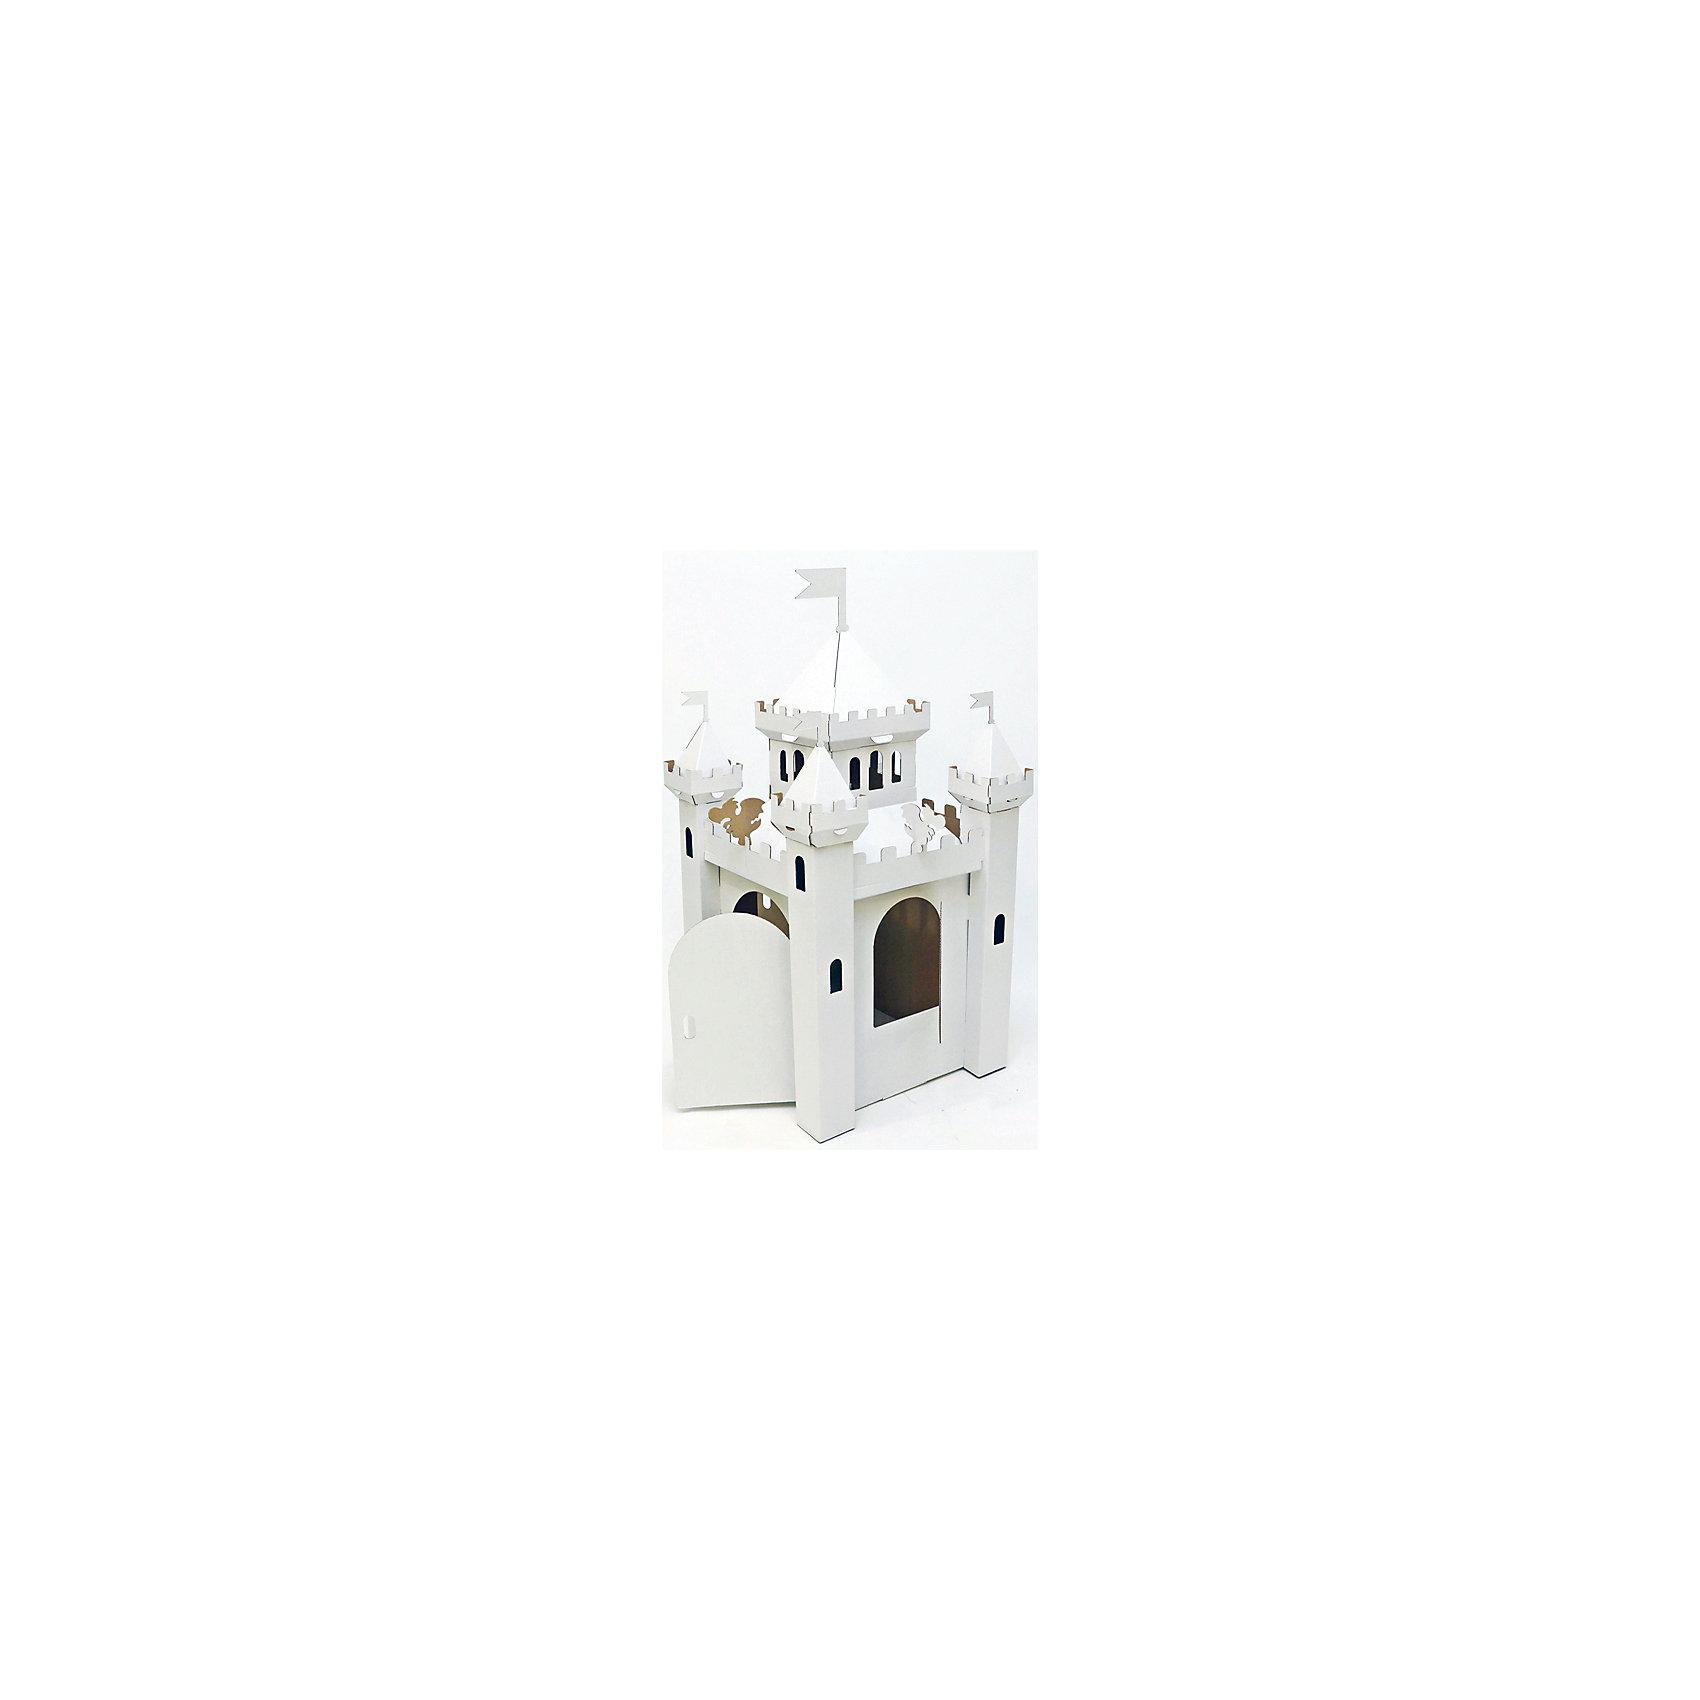 Домик из картона «Сказочный замок», белый<br><br>Ширина мм: 880<br>Глубина мм: 560<br>Высота мм: 70<br>Вес г: 3000<br>Возраст от месяцев: 36<br>Возраст до месяцев: 2147483647<br>Пол: Унисекс<br>Возраст: Детский<br>SKU: 5253040